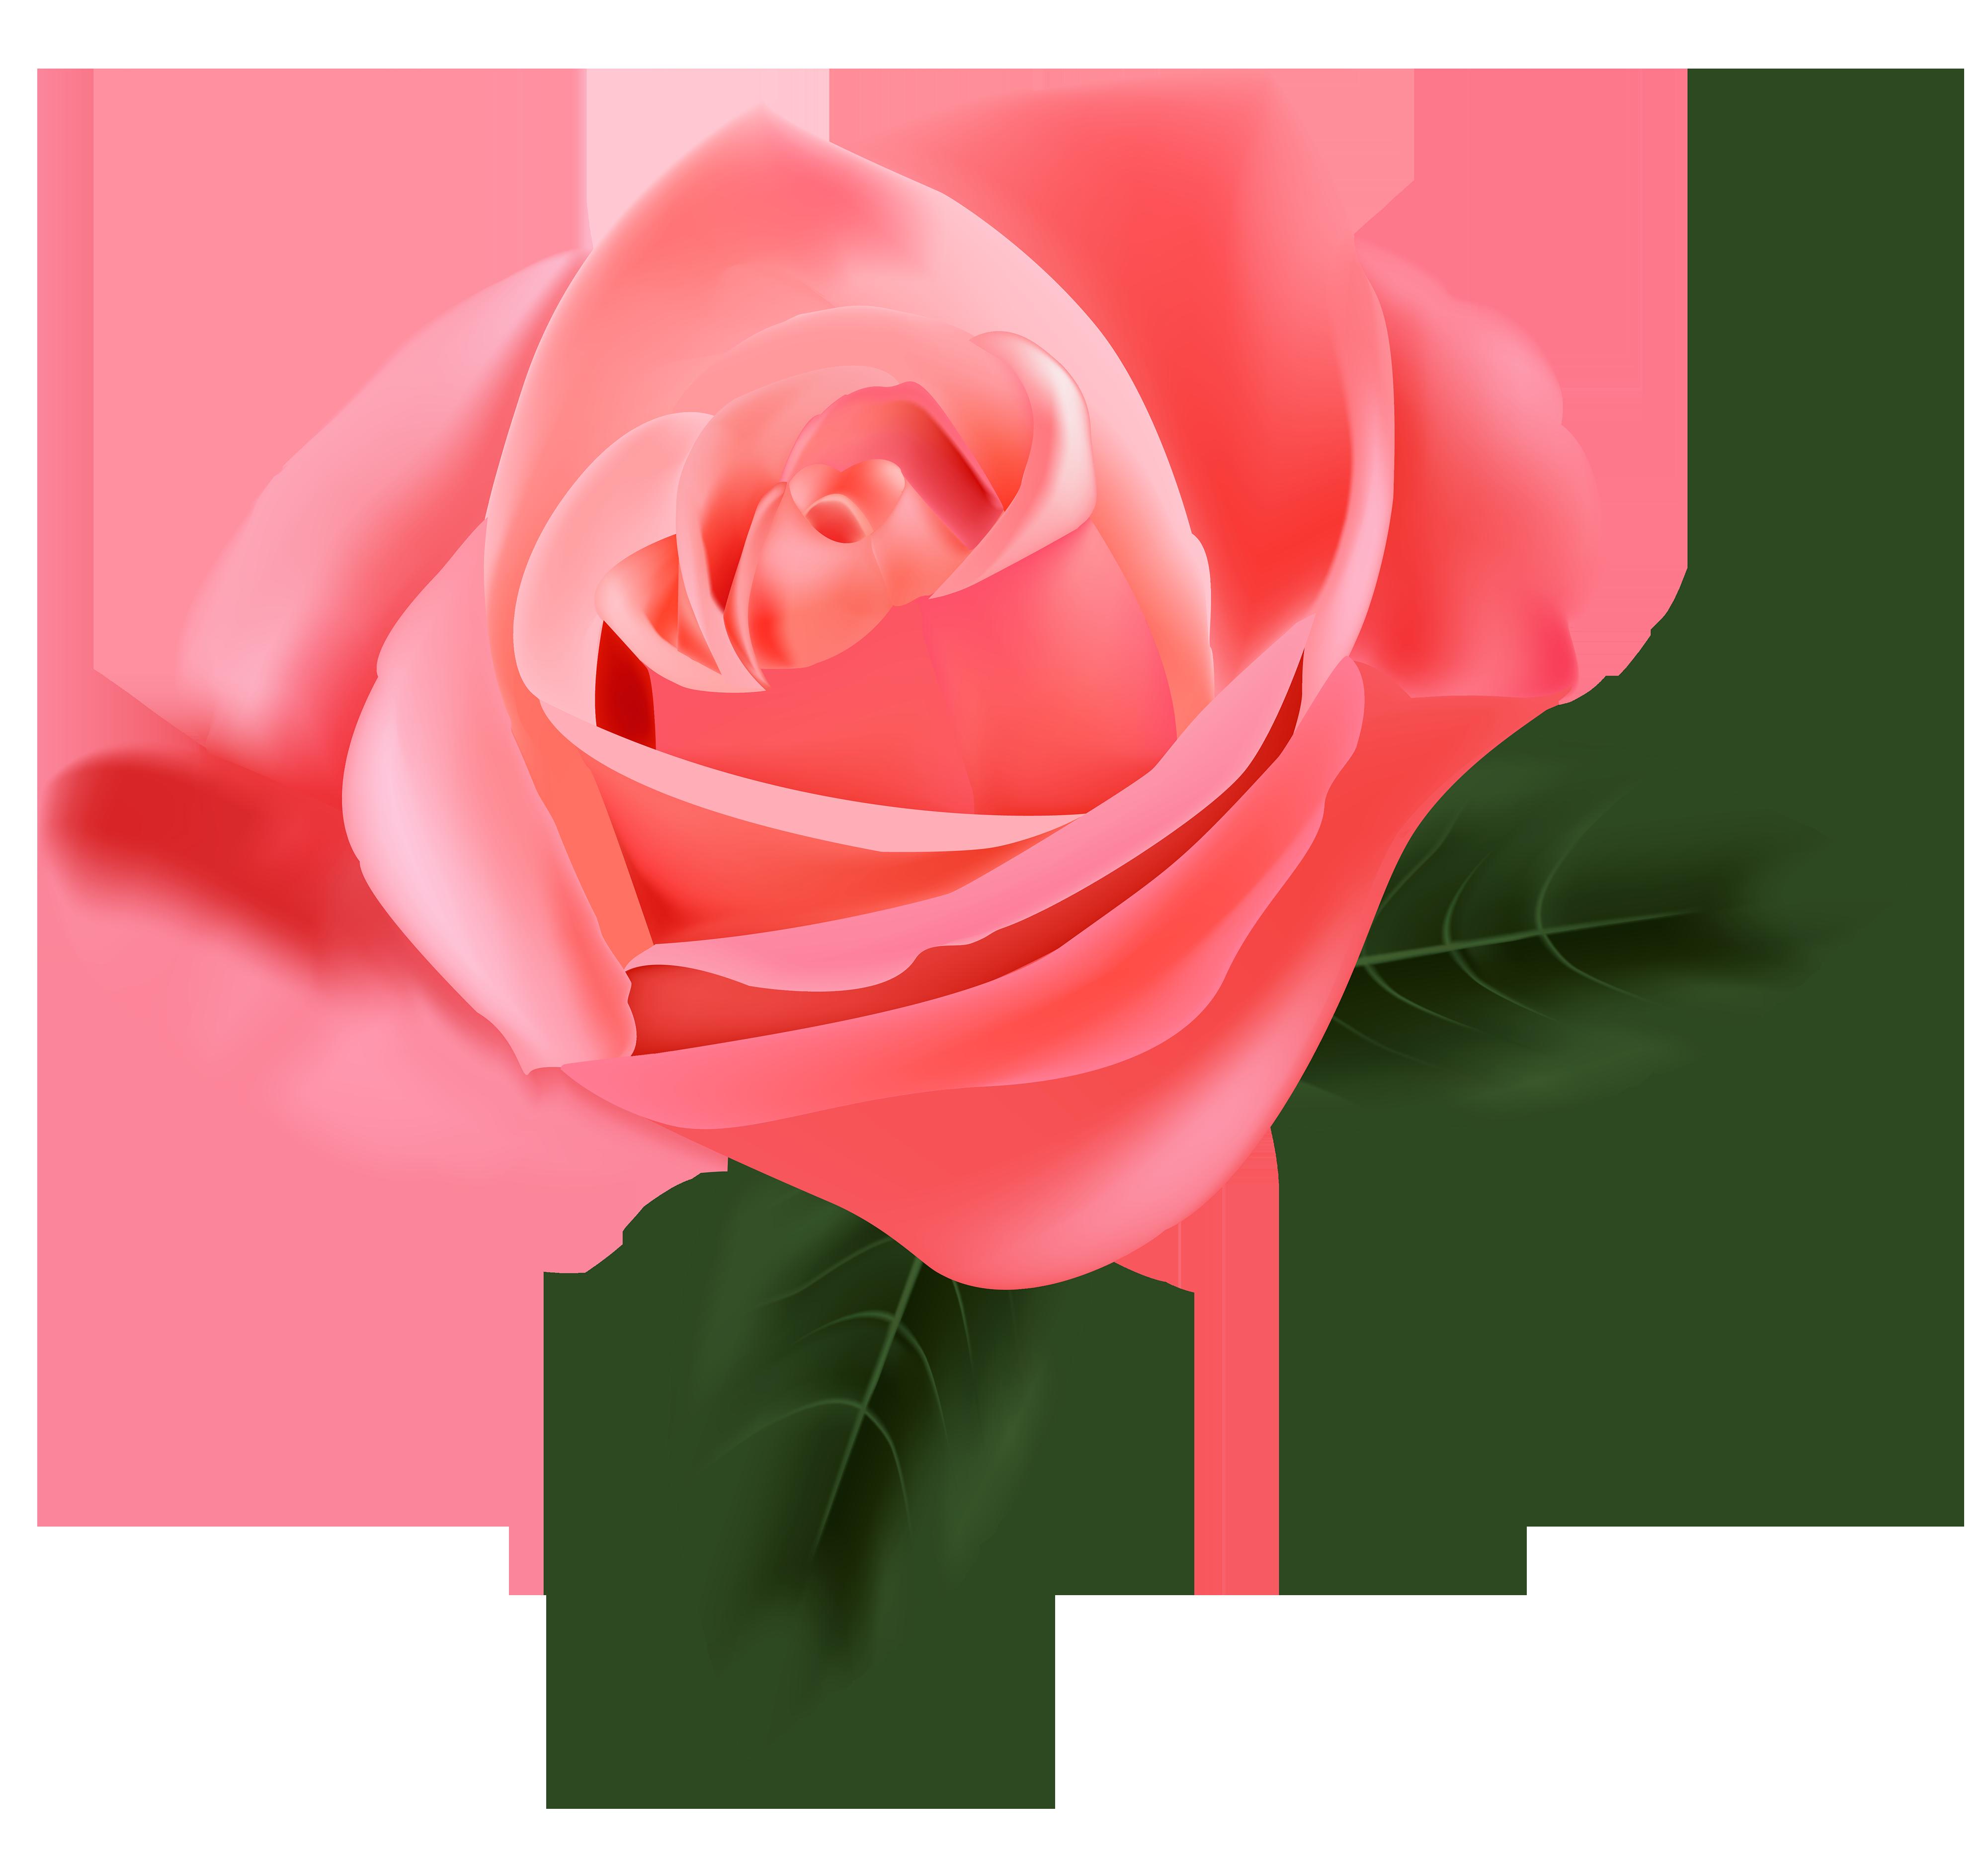 Rose PNG - 12787